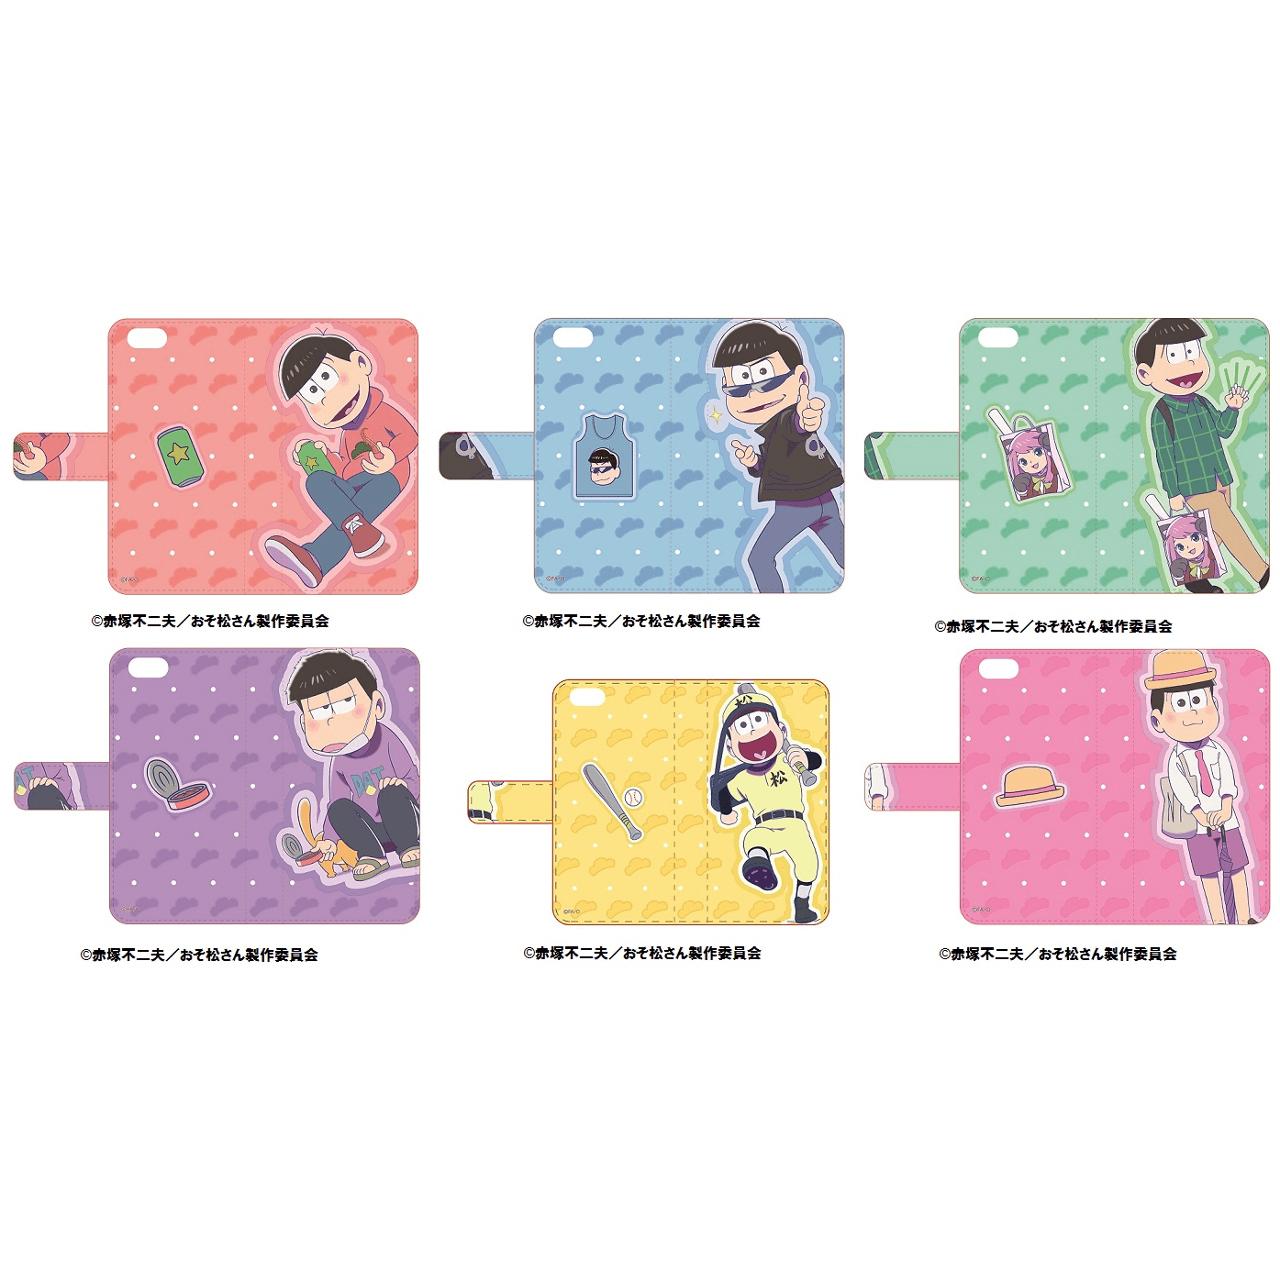 【ゲームでおそ松さん】まだまだ盛り上がる『おそ松さん』にどっぷり浸ろう!  4つのスマホゲームを大特集